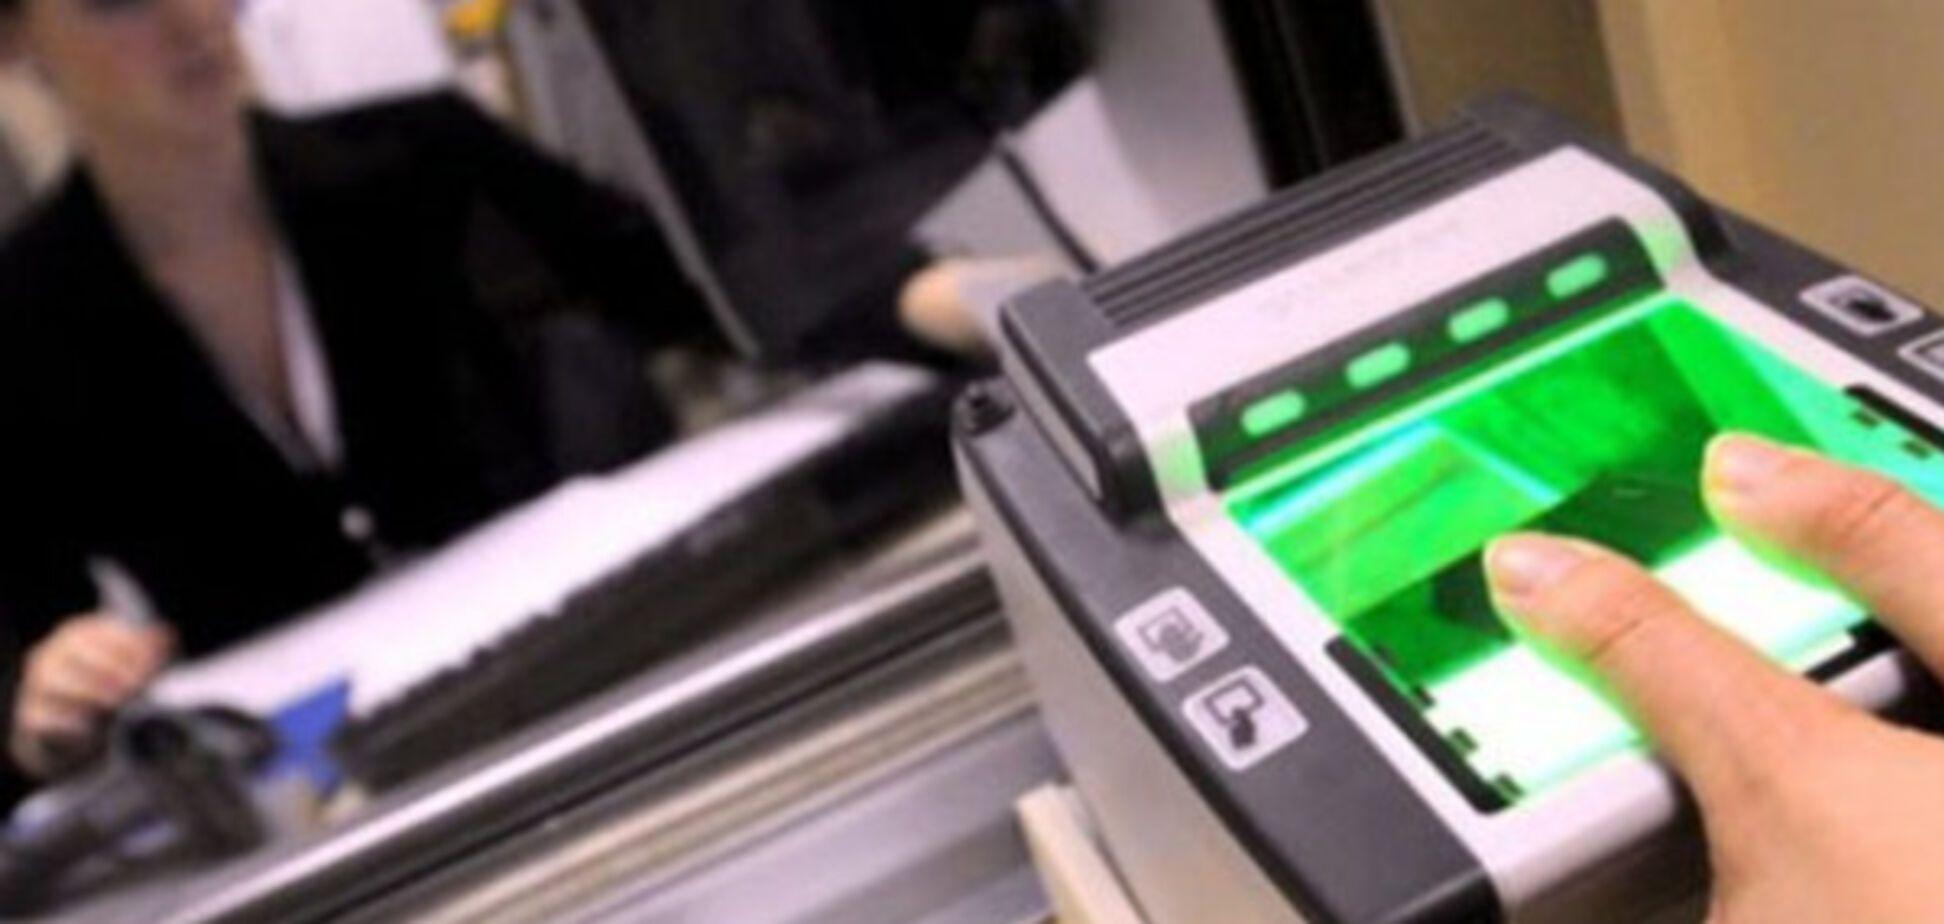 Біометричний контроль кордон